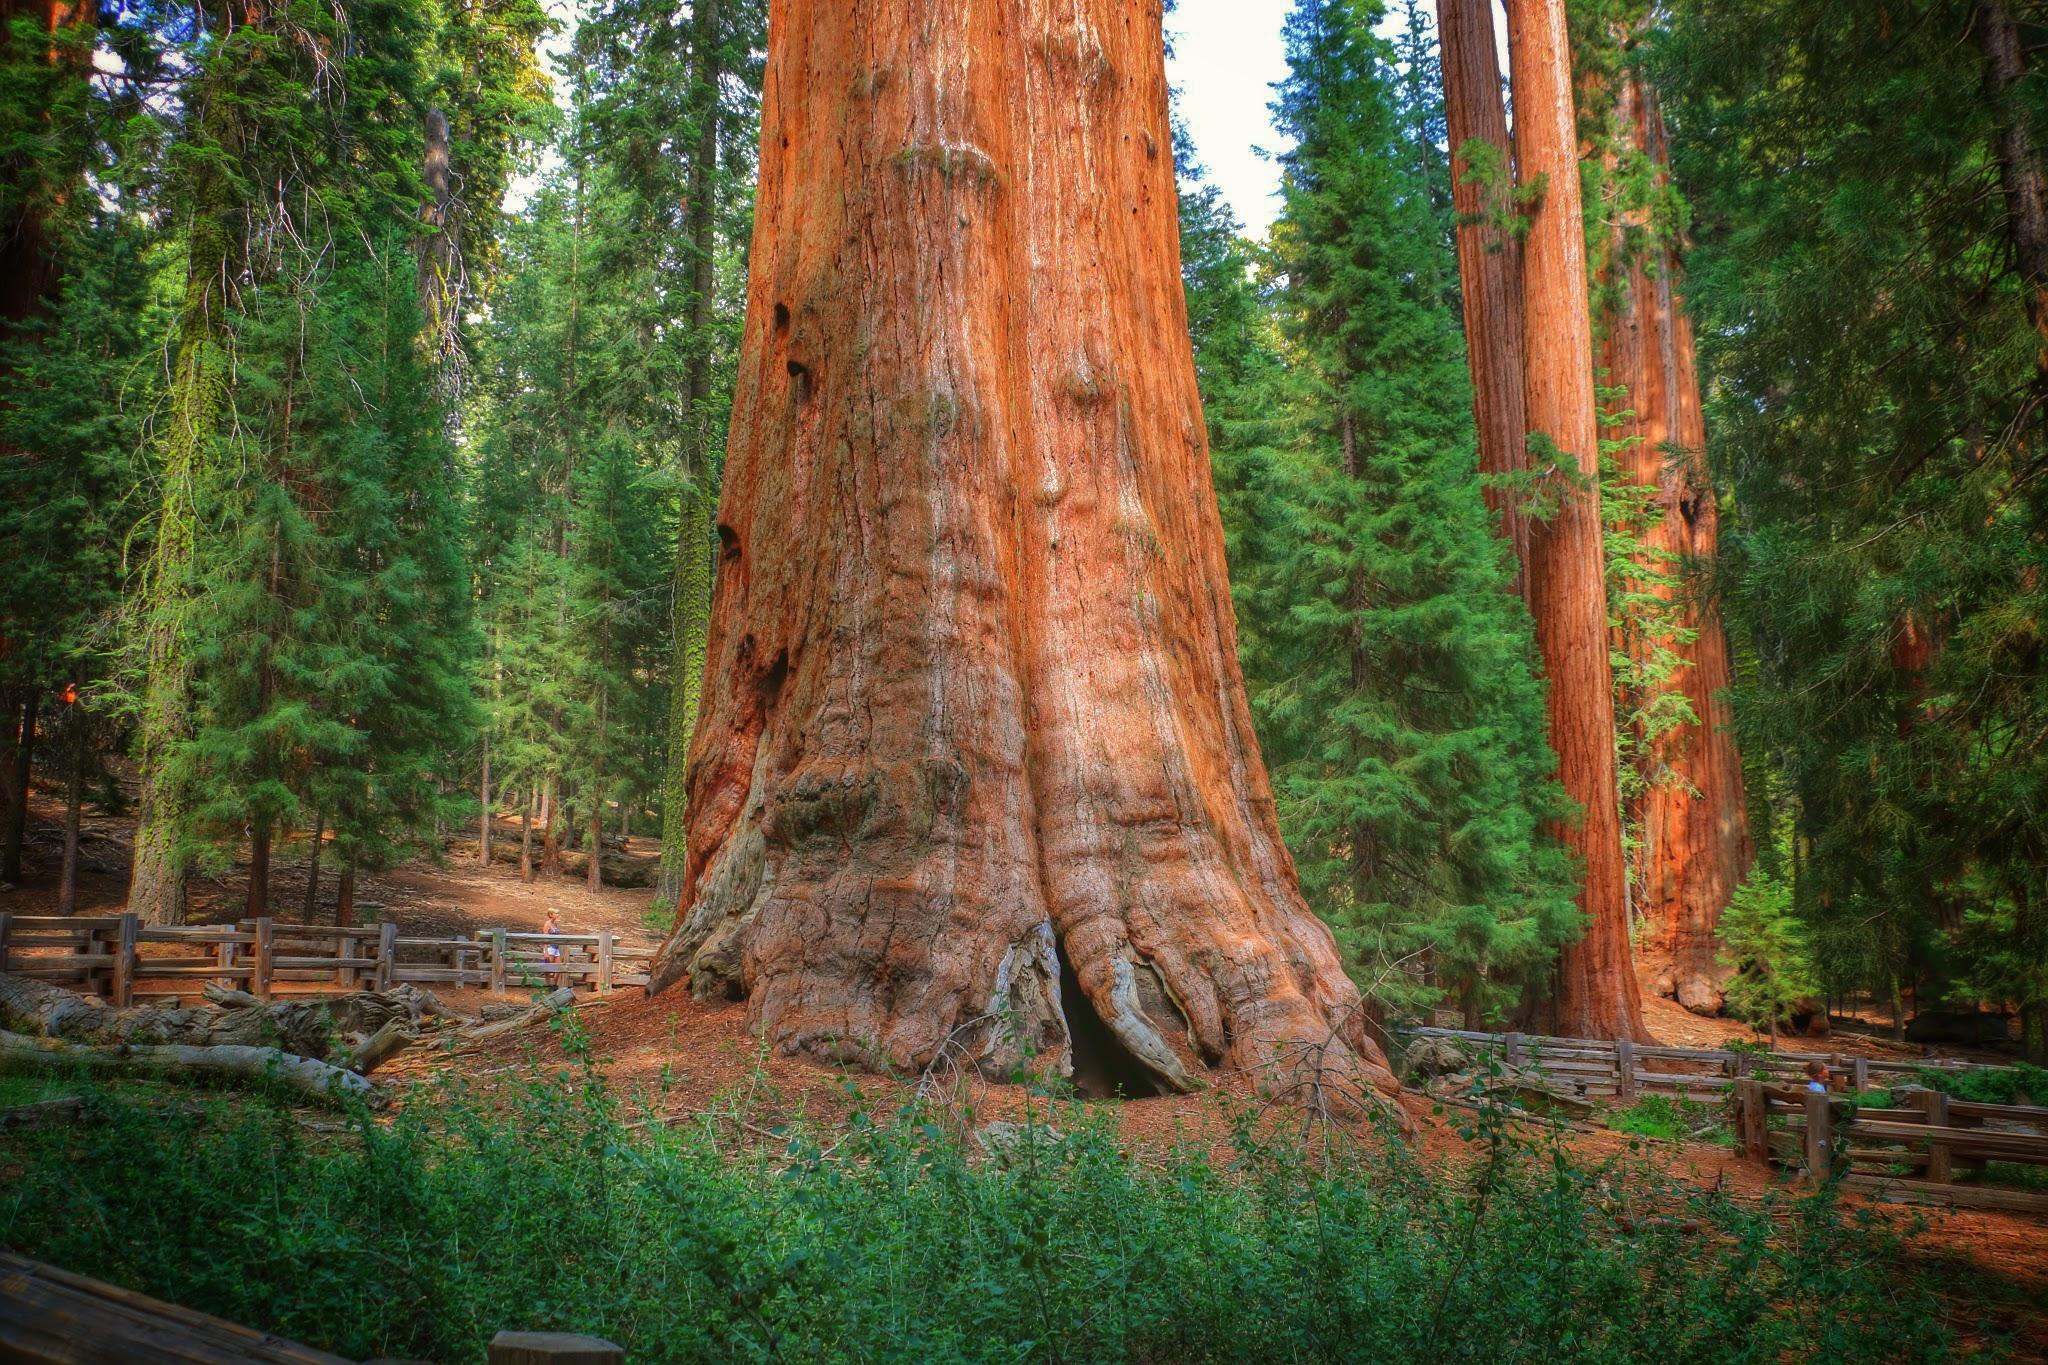 De grootste boom van de wereld